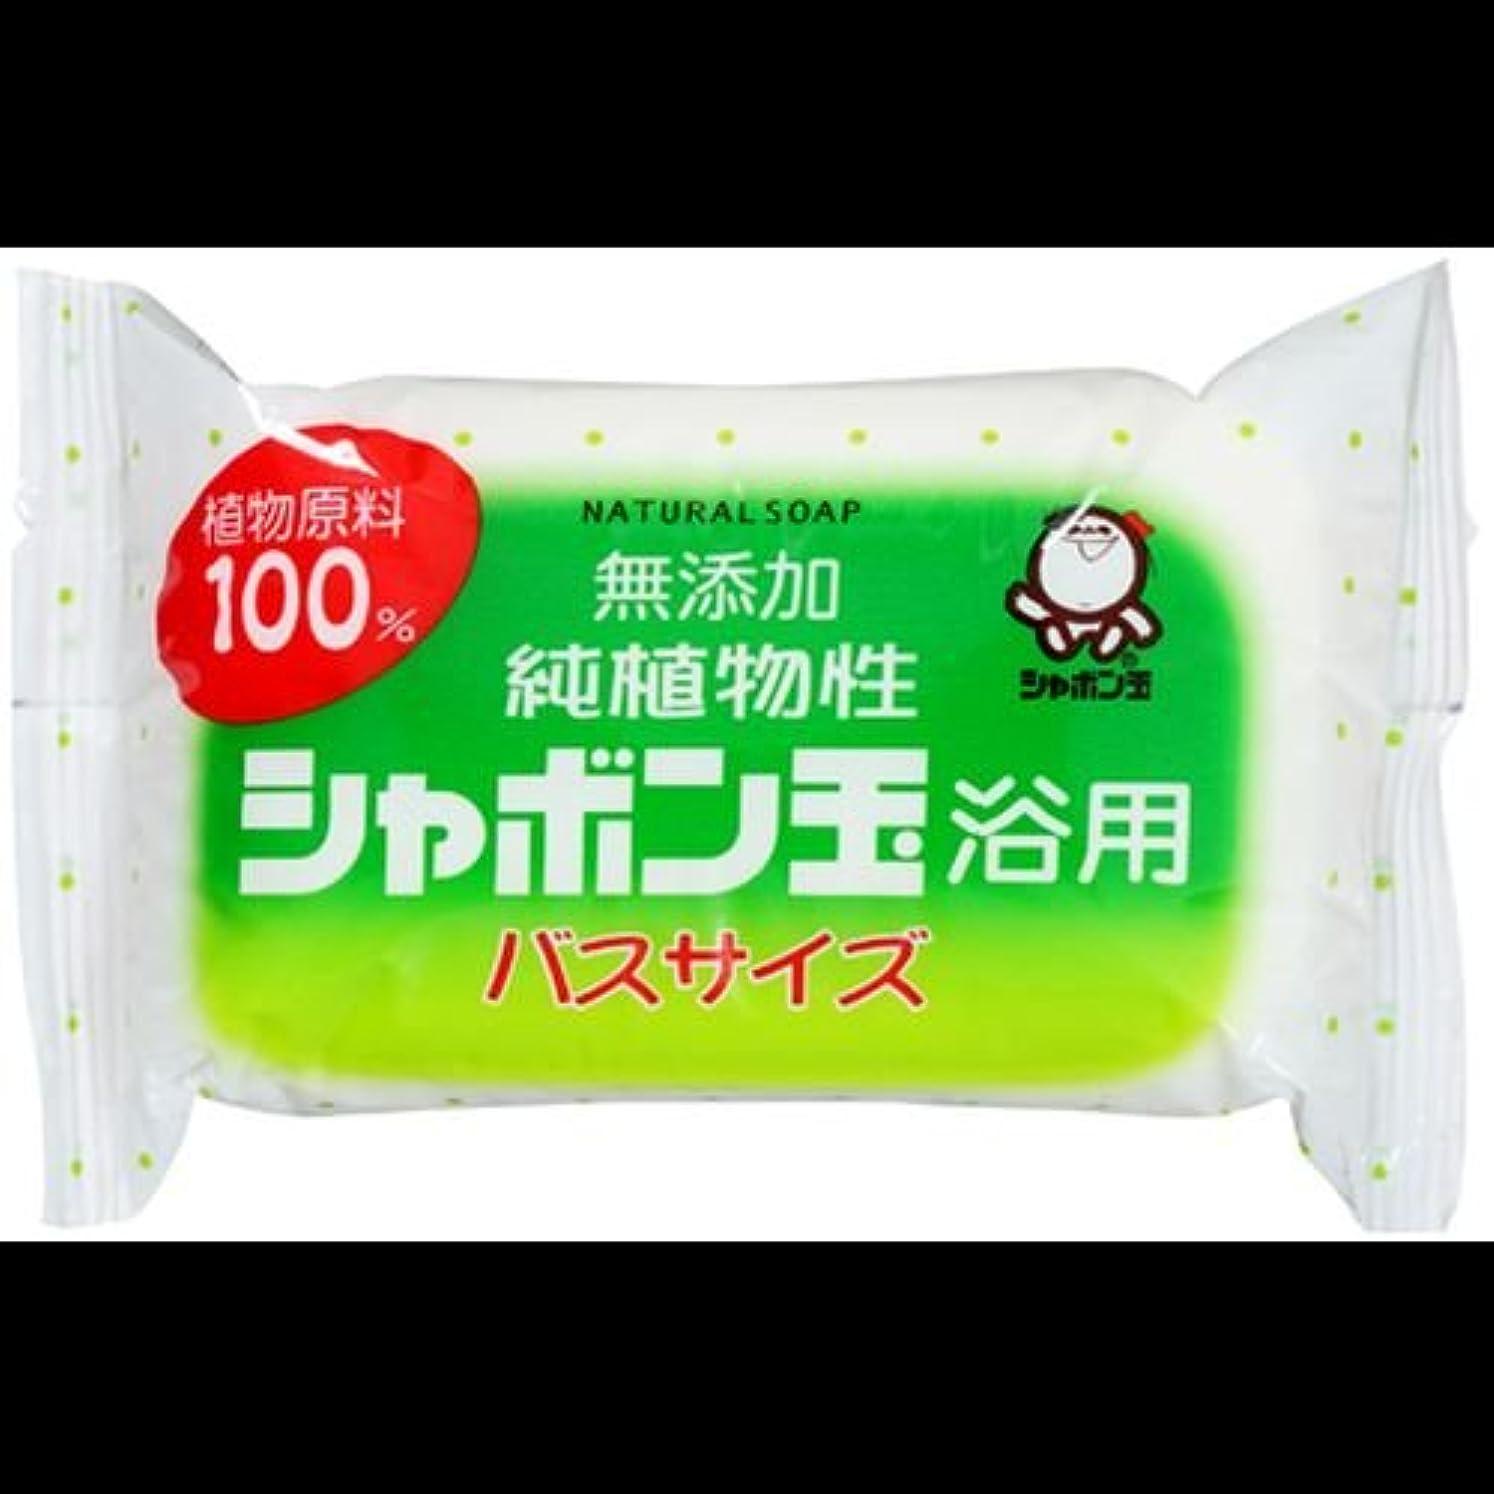 うがい薬部門折【まとめ買い】純植物性シャボン玉 浴用 バスサイズ155g ×2セット